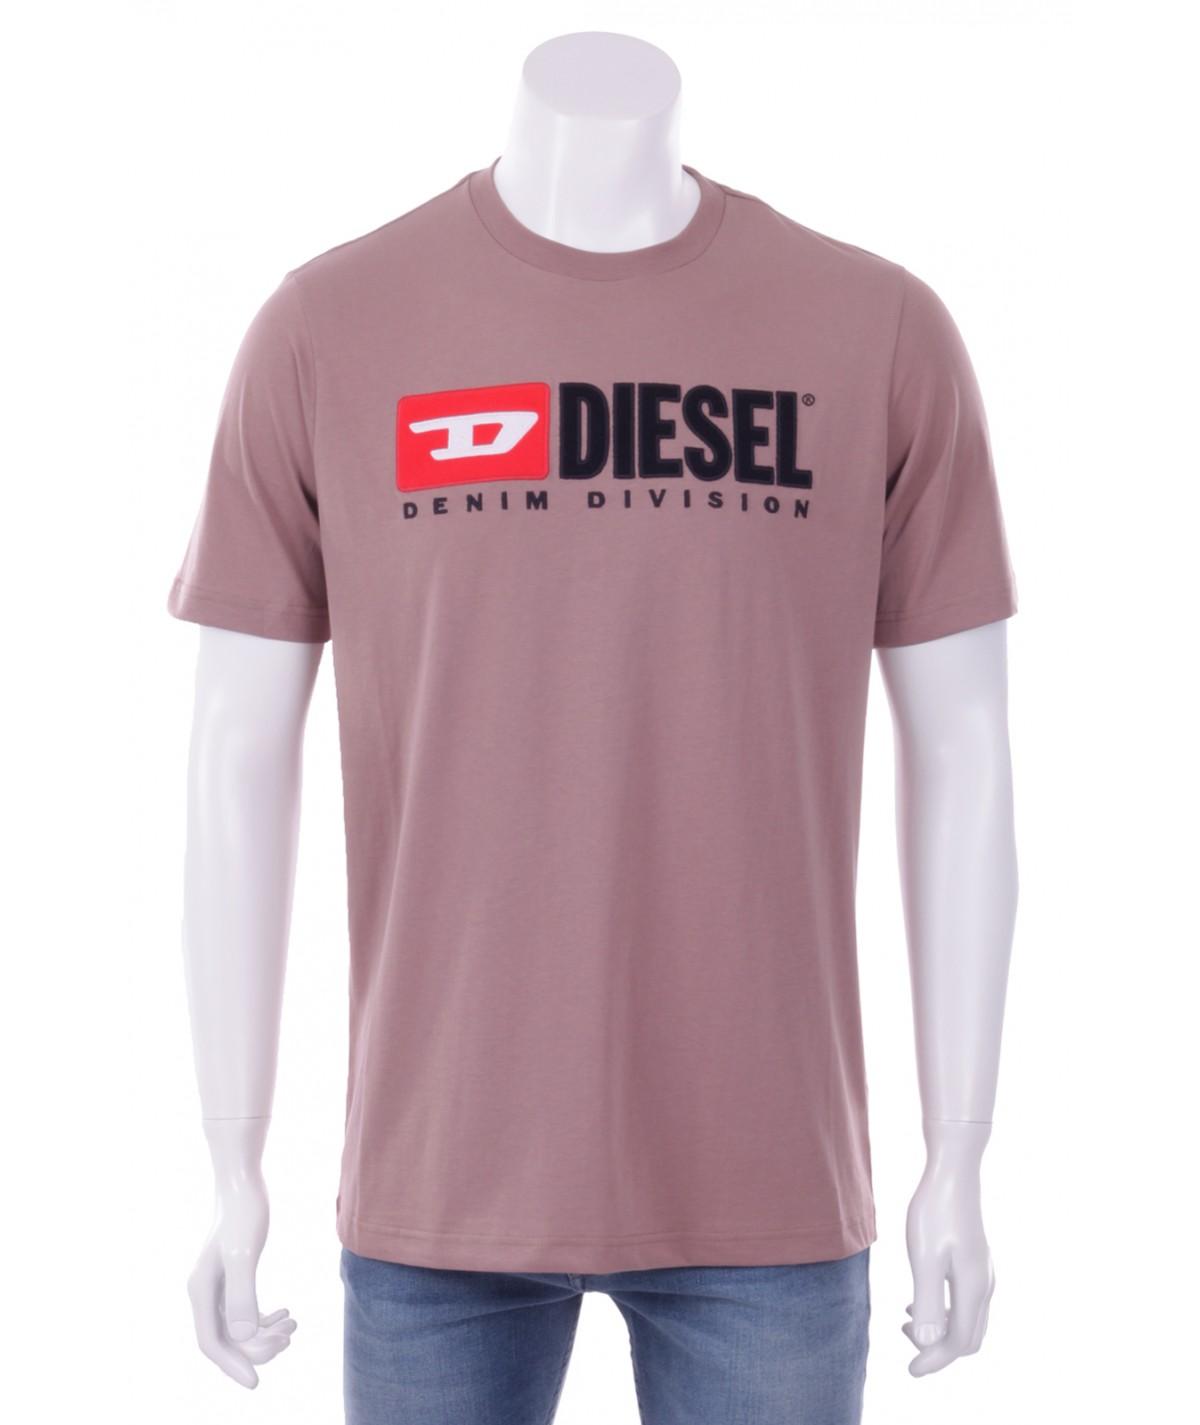 DIESEL T-Shirt Uomo Logo...